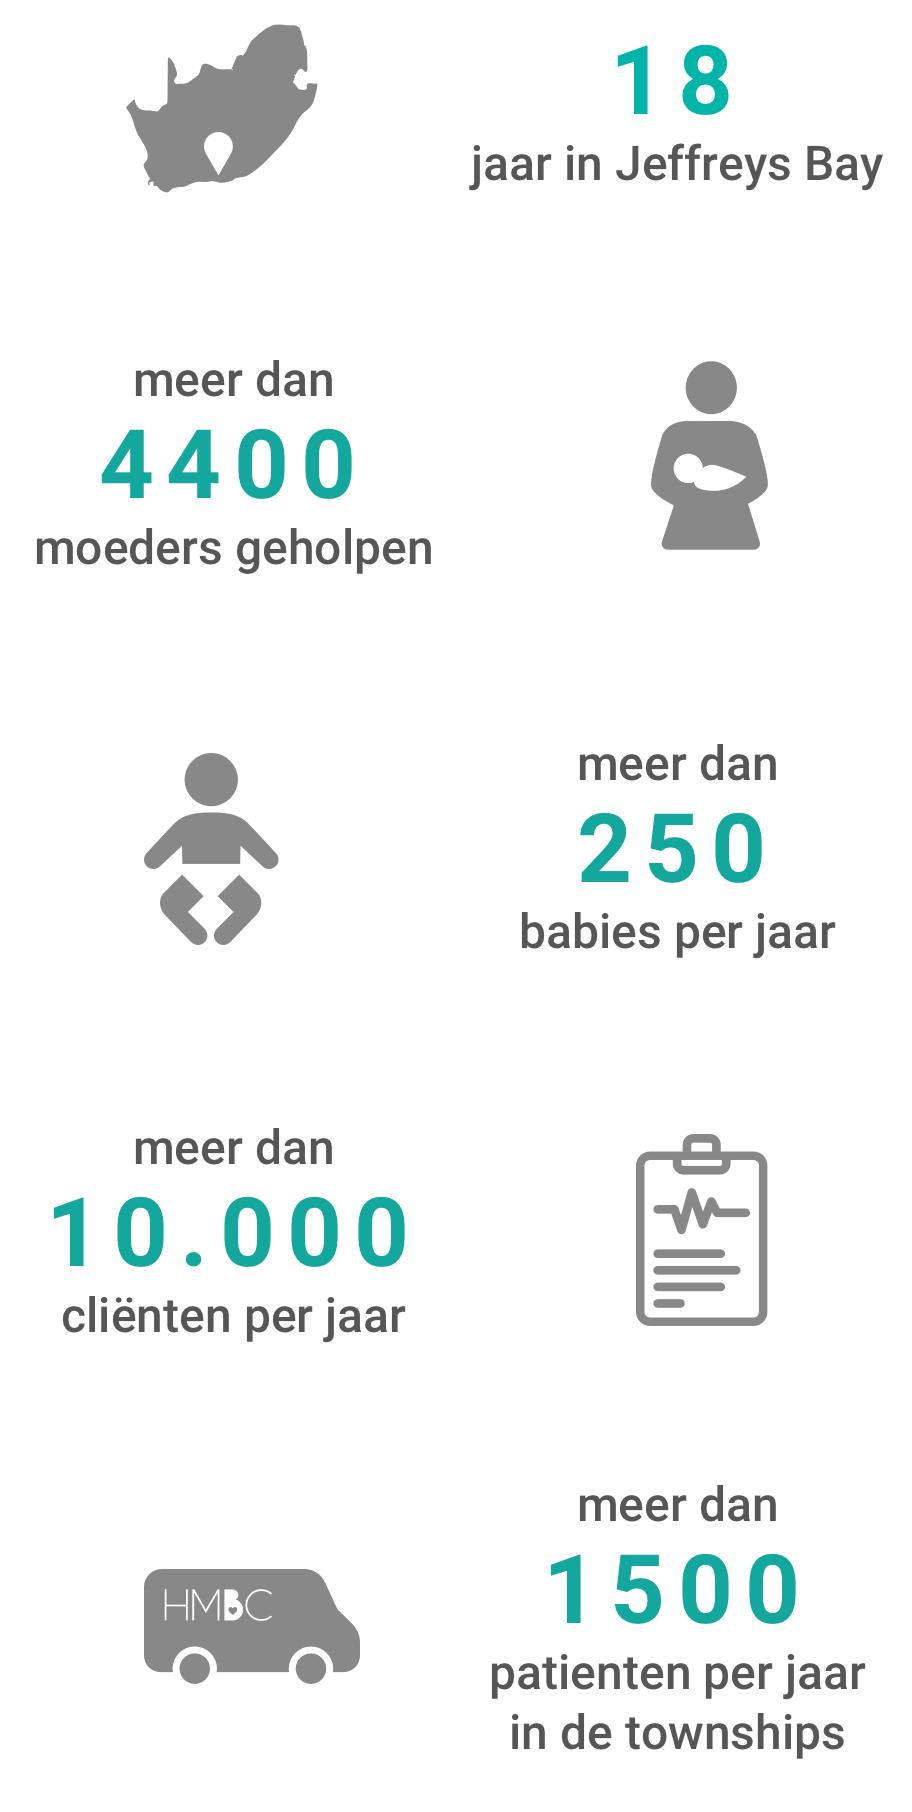 18 jaar in Jeffreys Bay, meer dan 4400 moeders geholpen